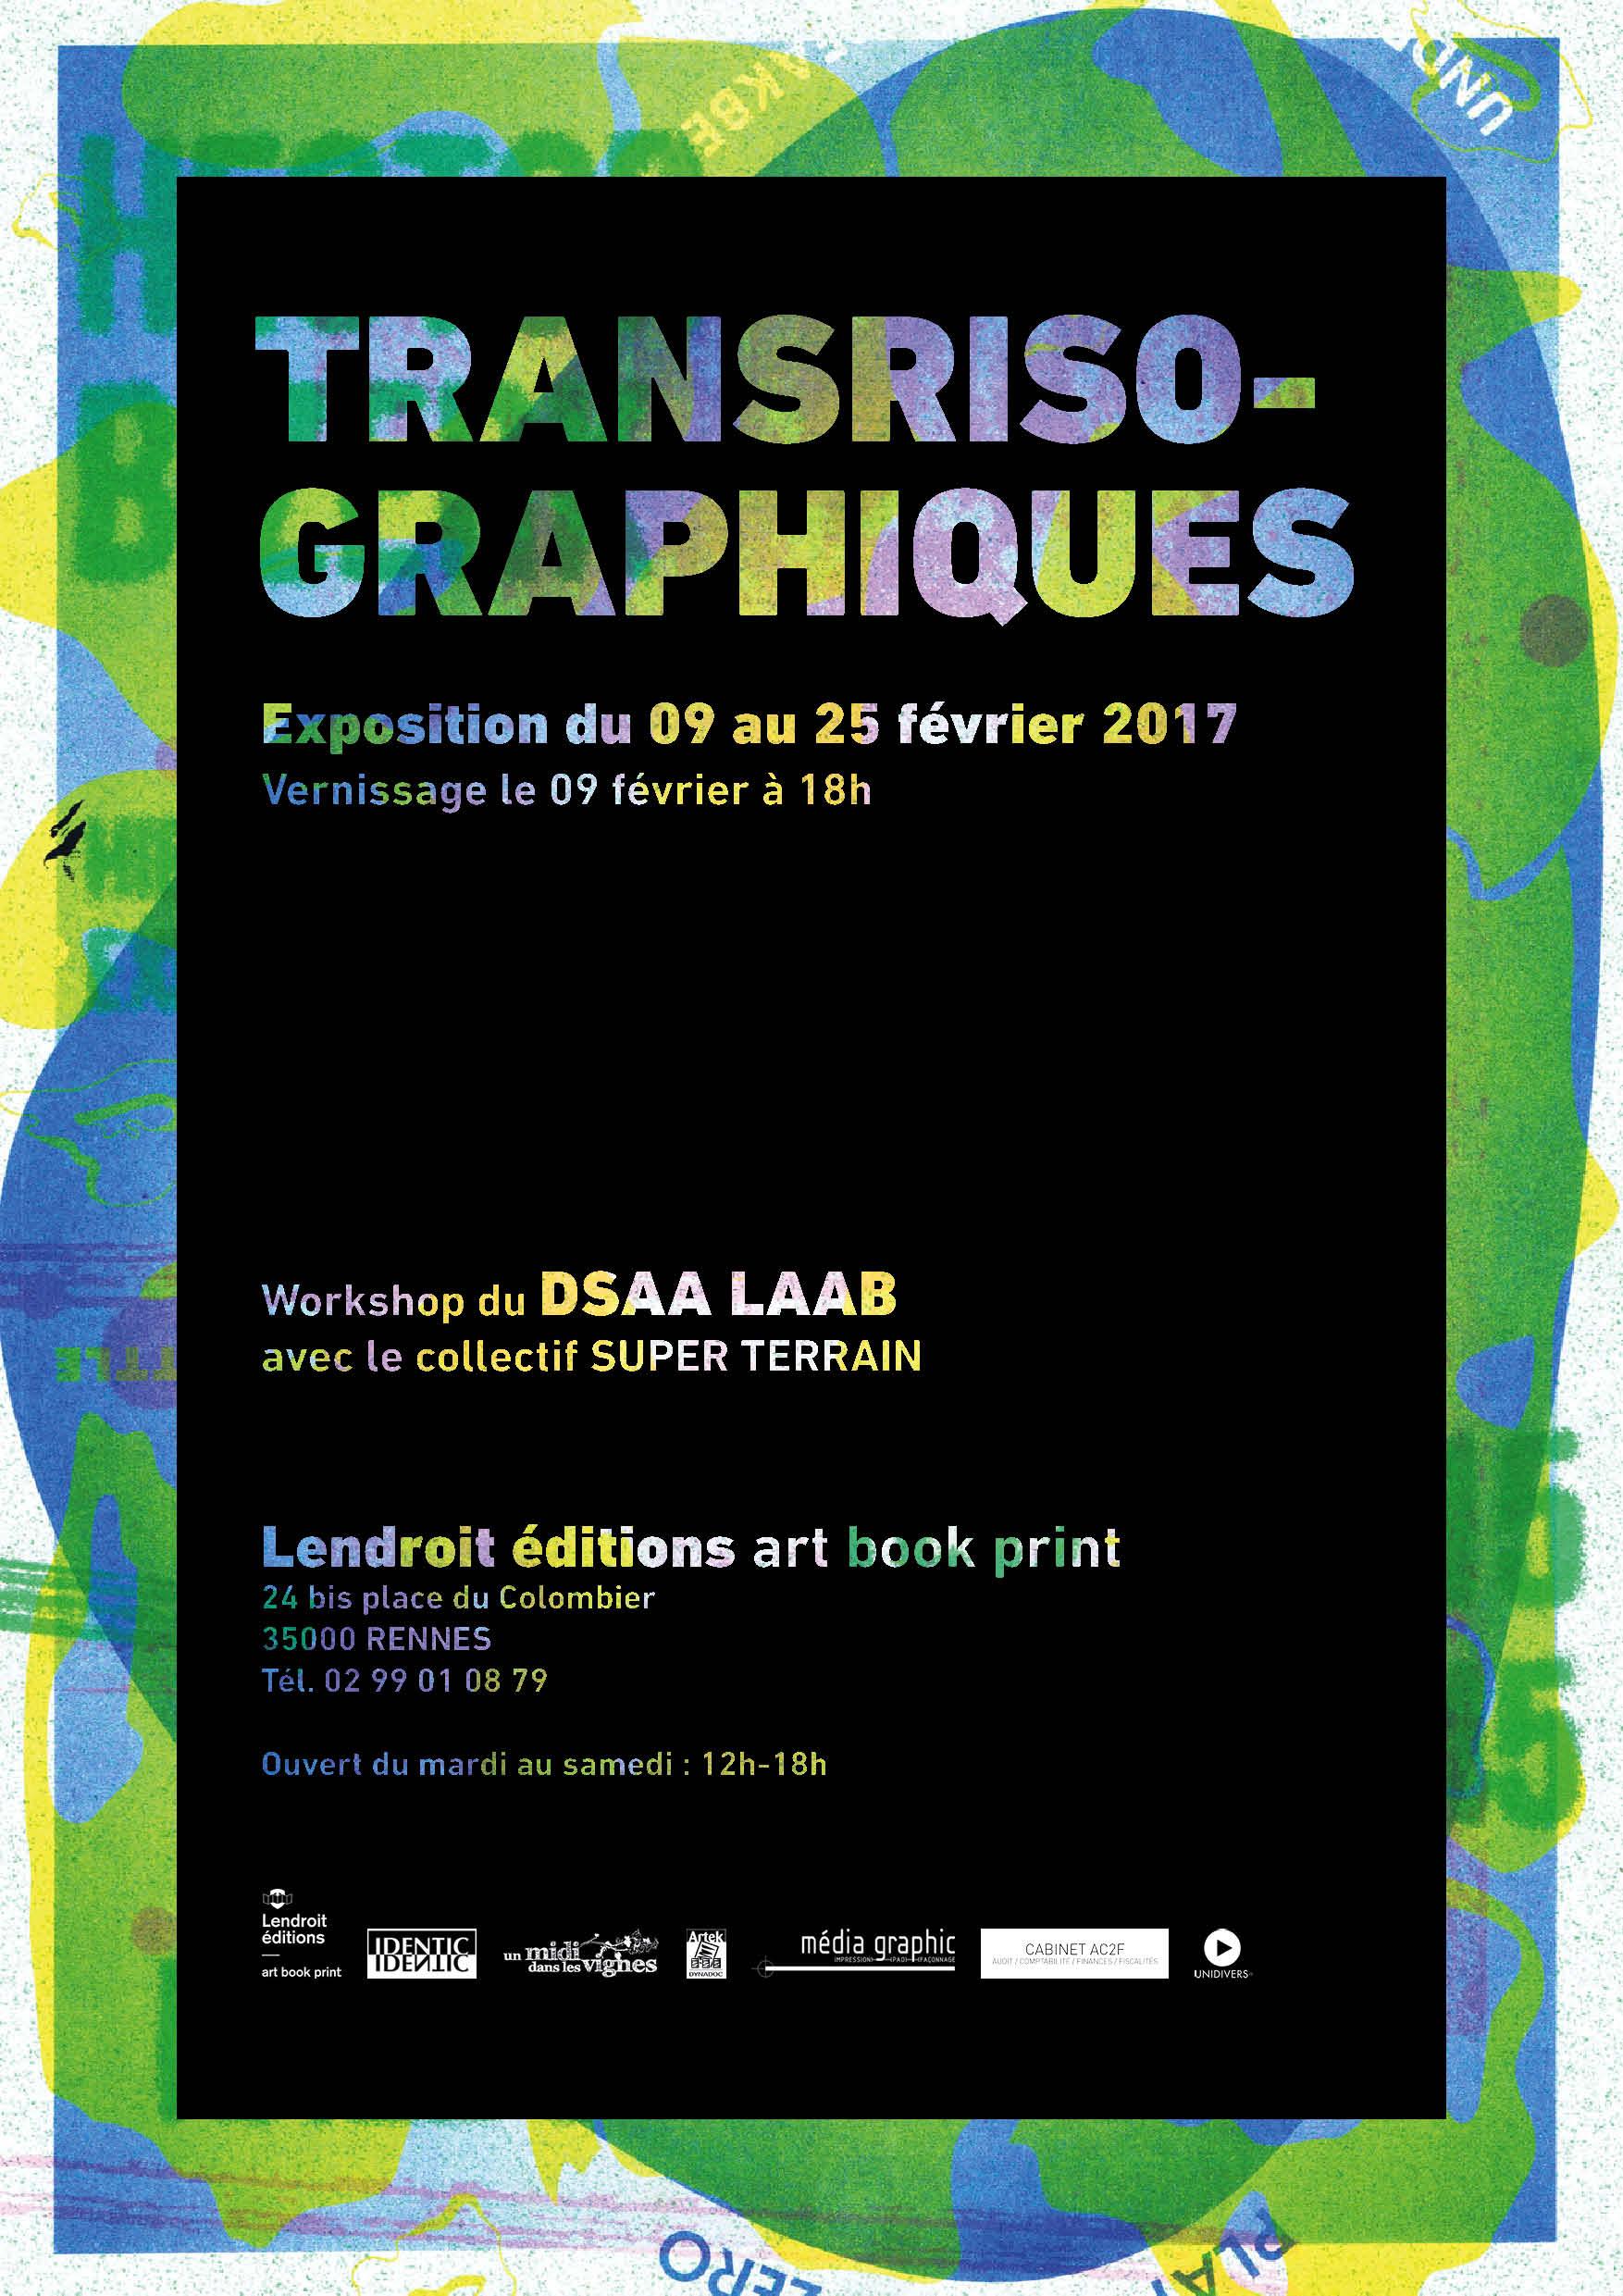 Les Transrisographiques © DR